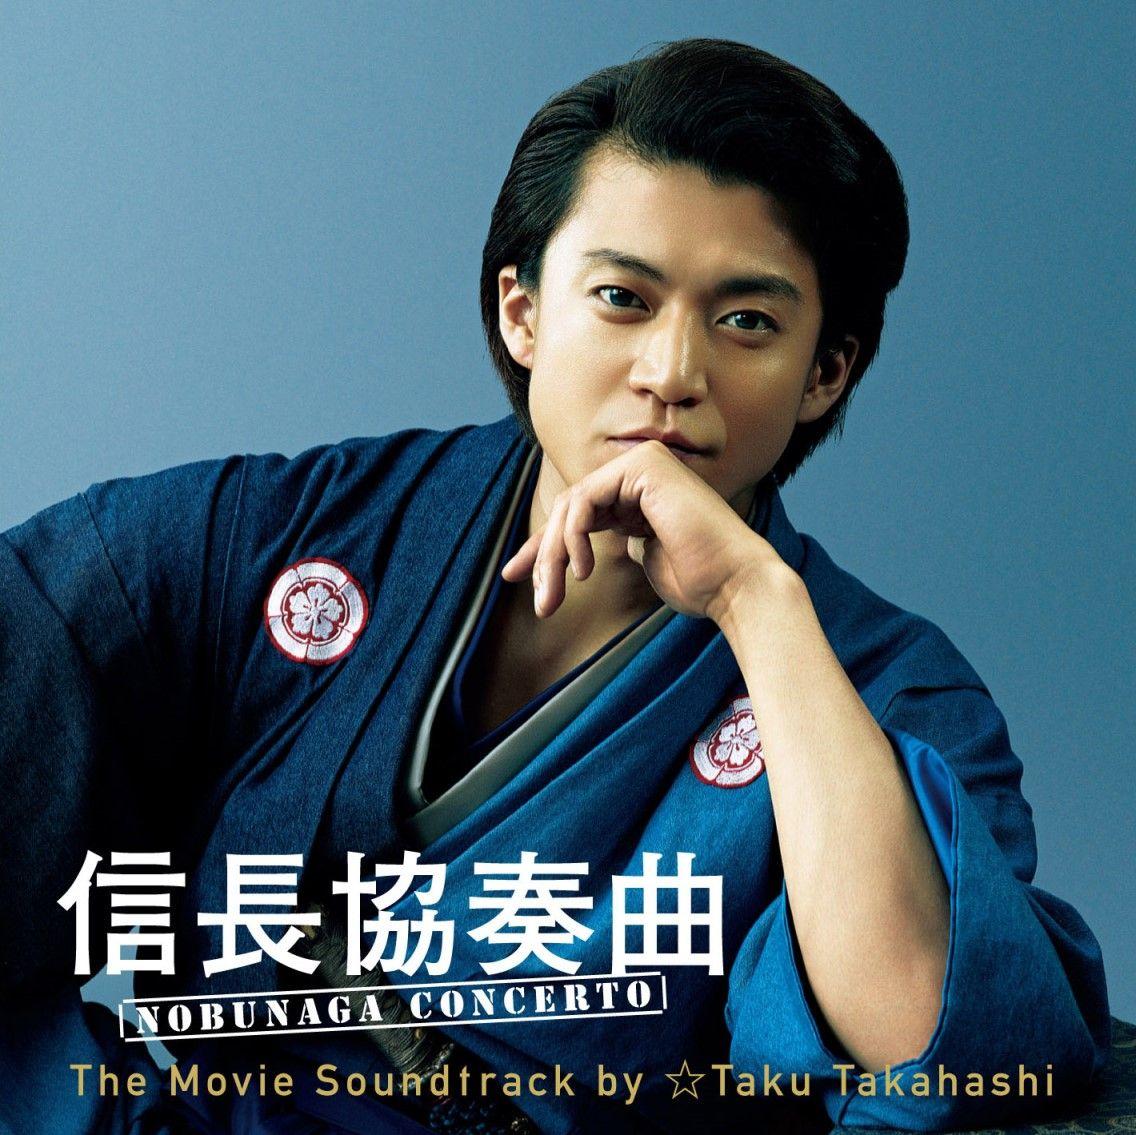 「信長協奏曲(ノブナガコンツェルト)」のフル動画を無料でHulu・U-NEXT・TSUTAYAで視聴しよう!